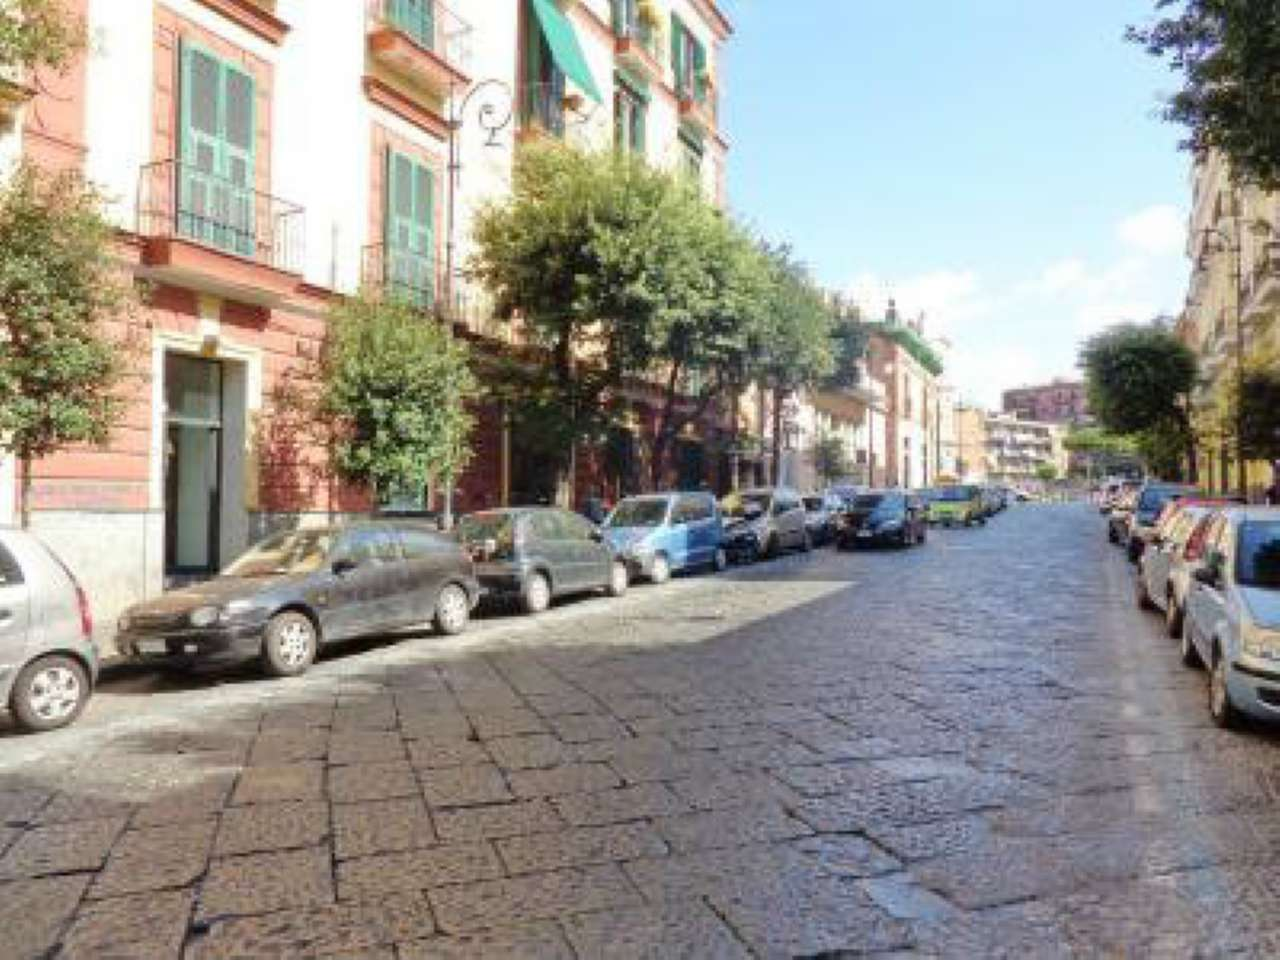 Negozio / Locale in affitto a Portici, 4 locali, prezzo € 1.150 | CambioCasa.it